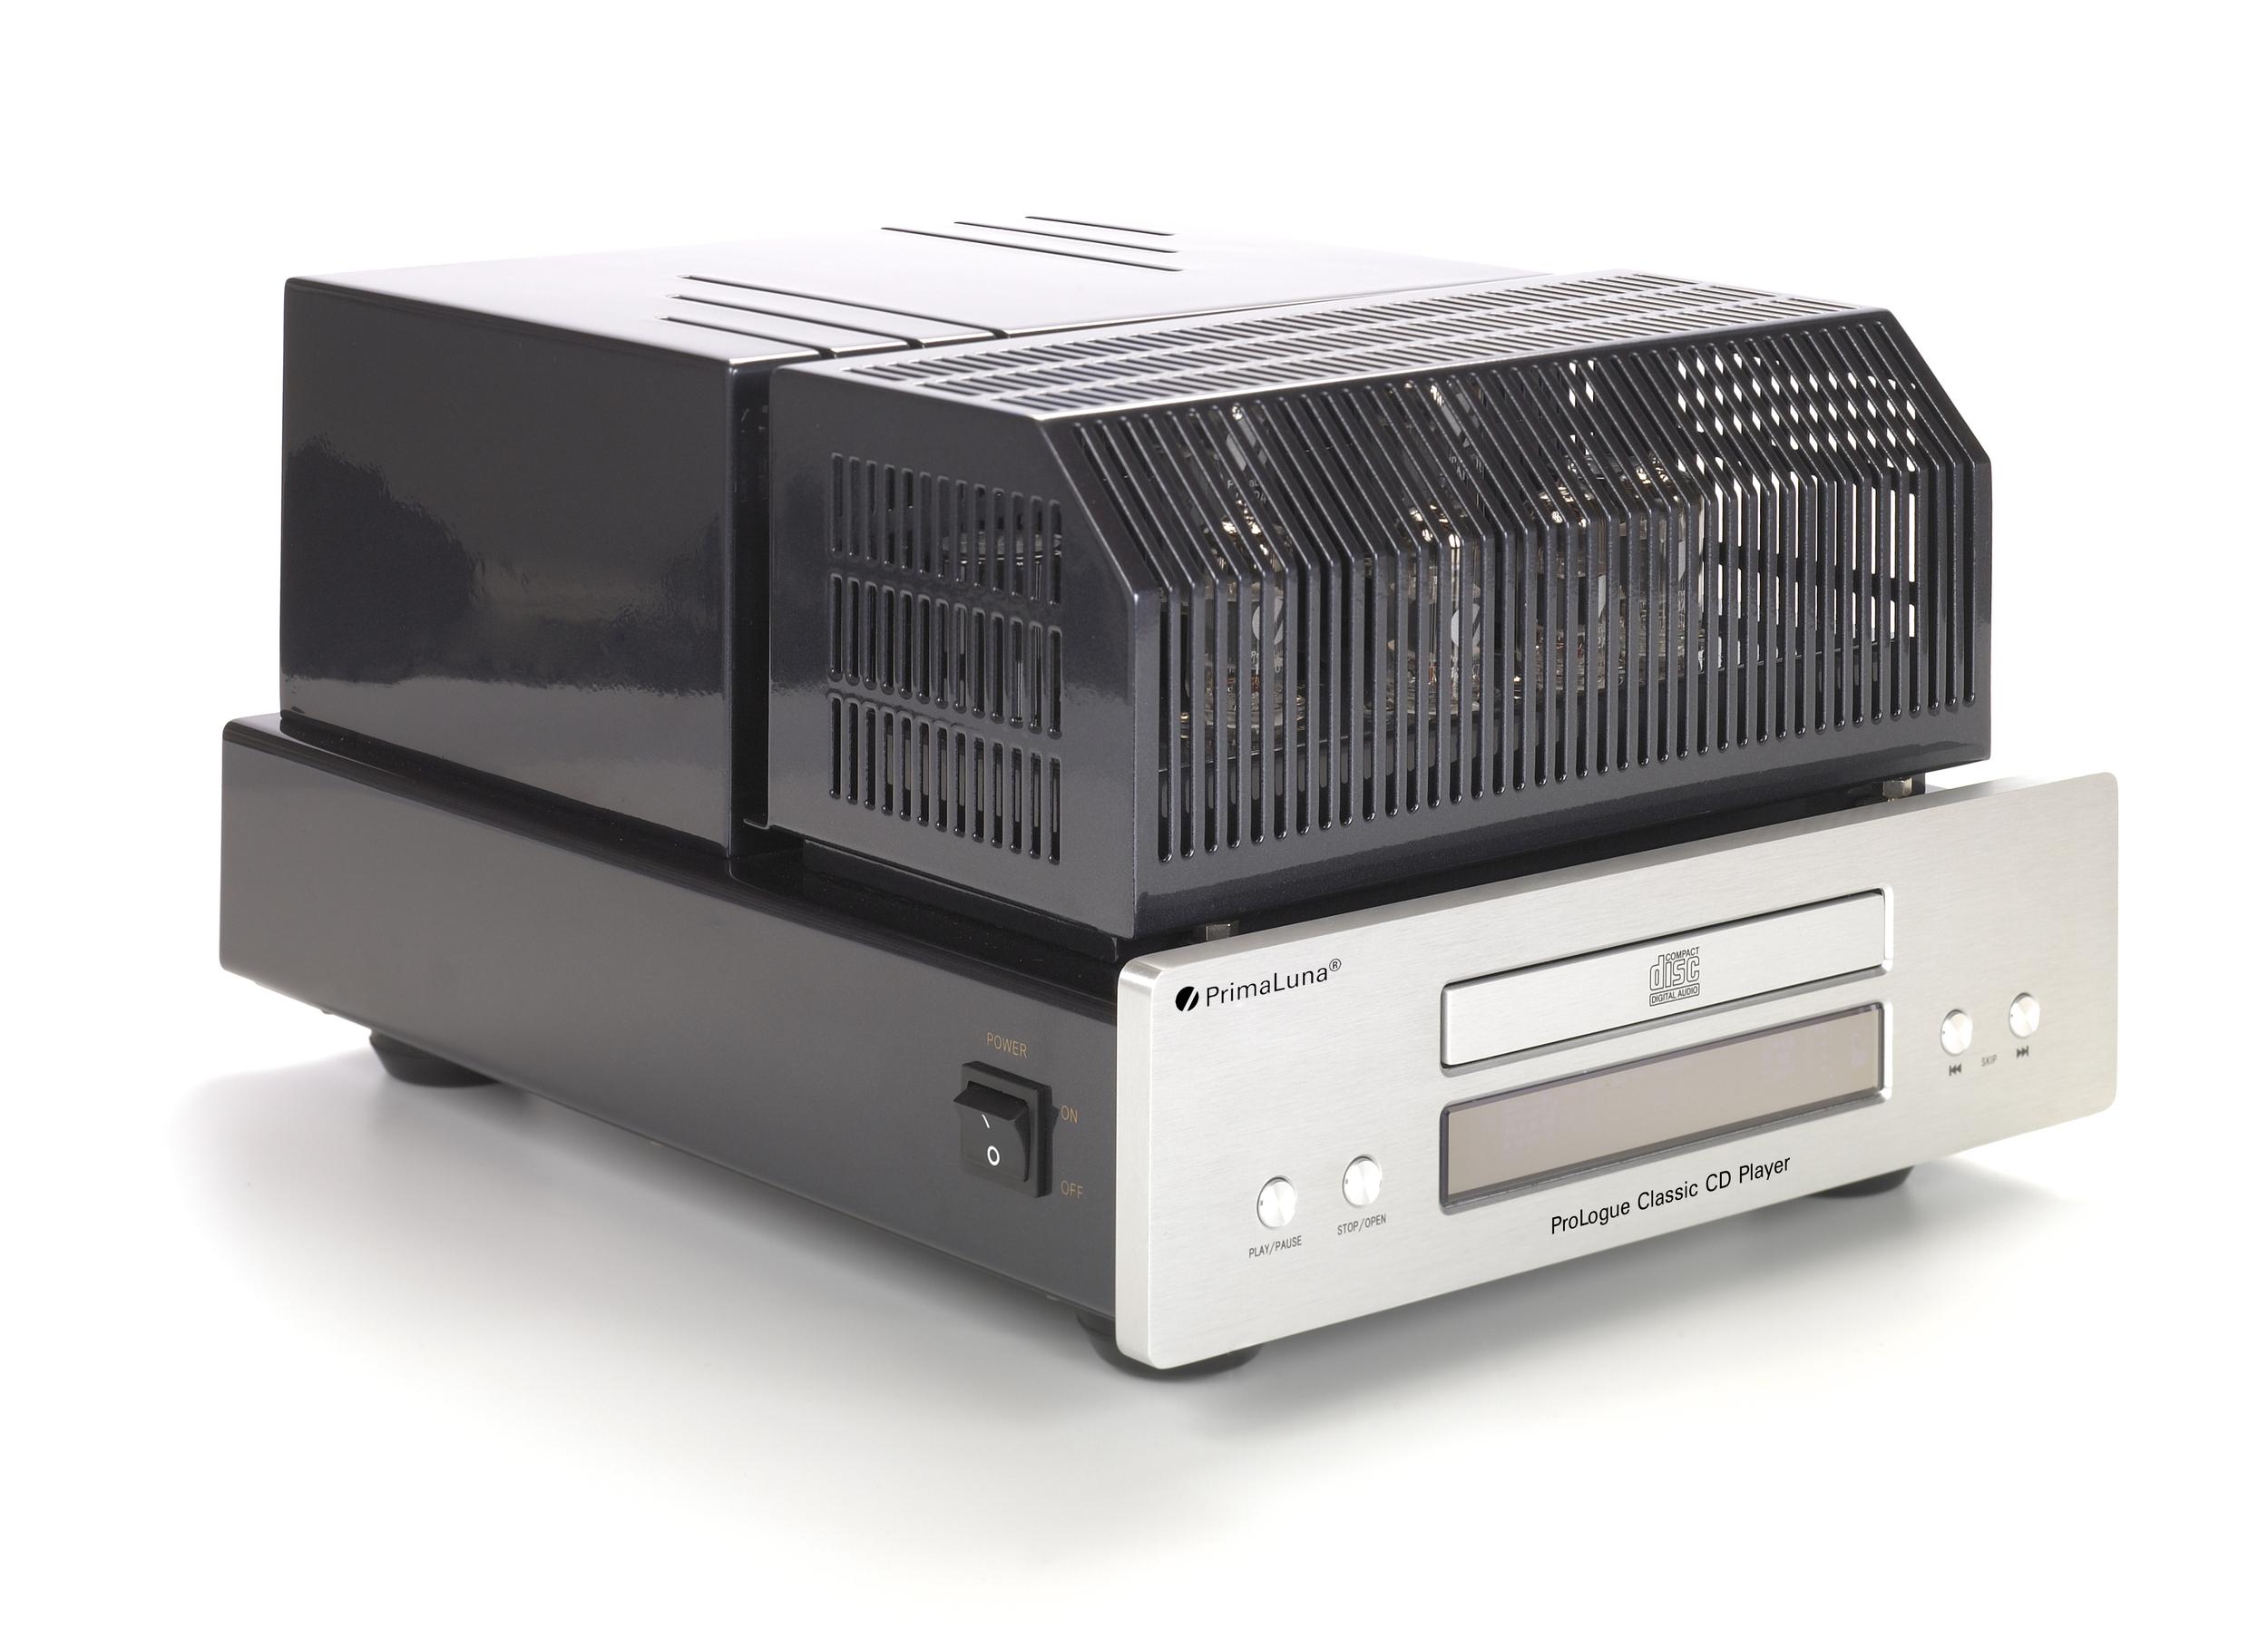 006-PrimaLuna Classic CD Player-zillver.jpg